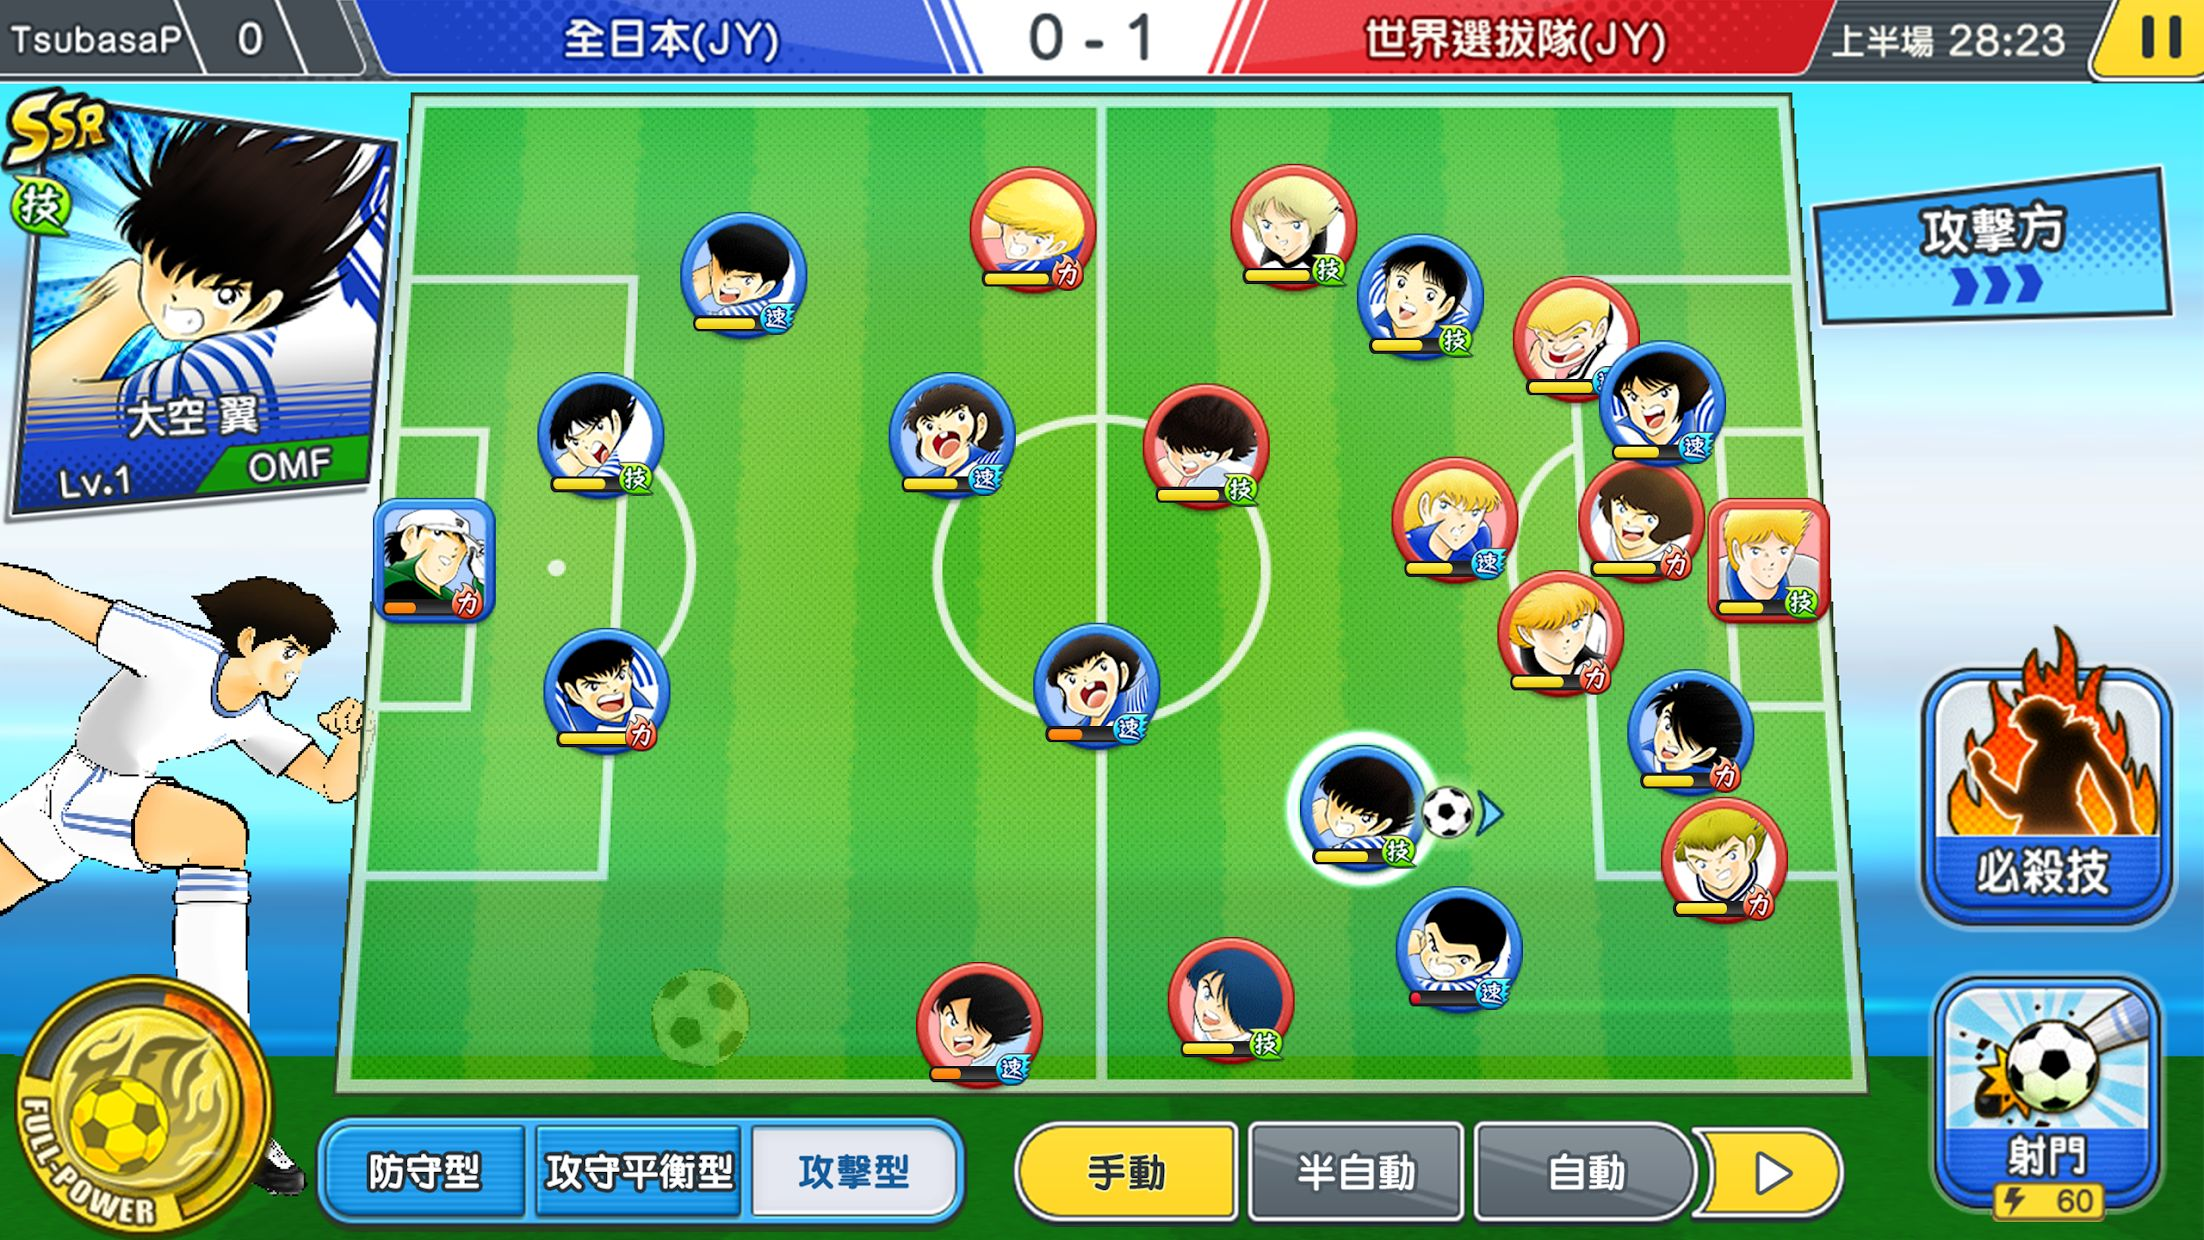 足球小将翼梦幻队伍存档位置-存档位置介绍